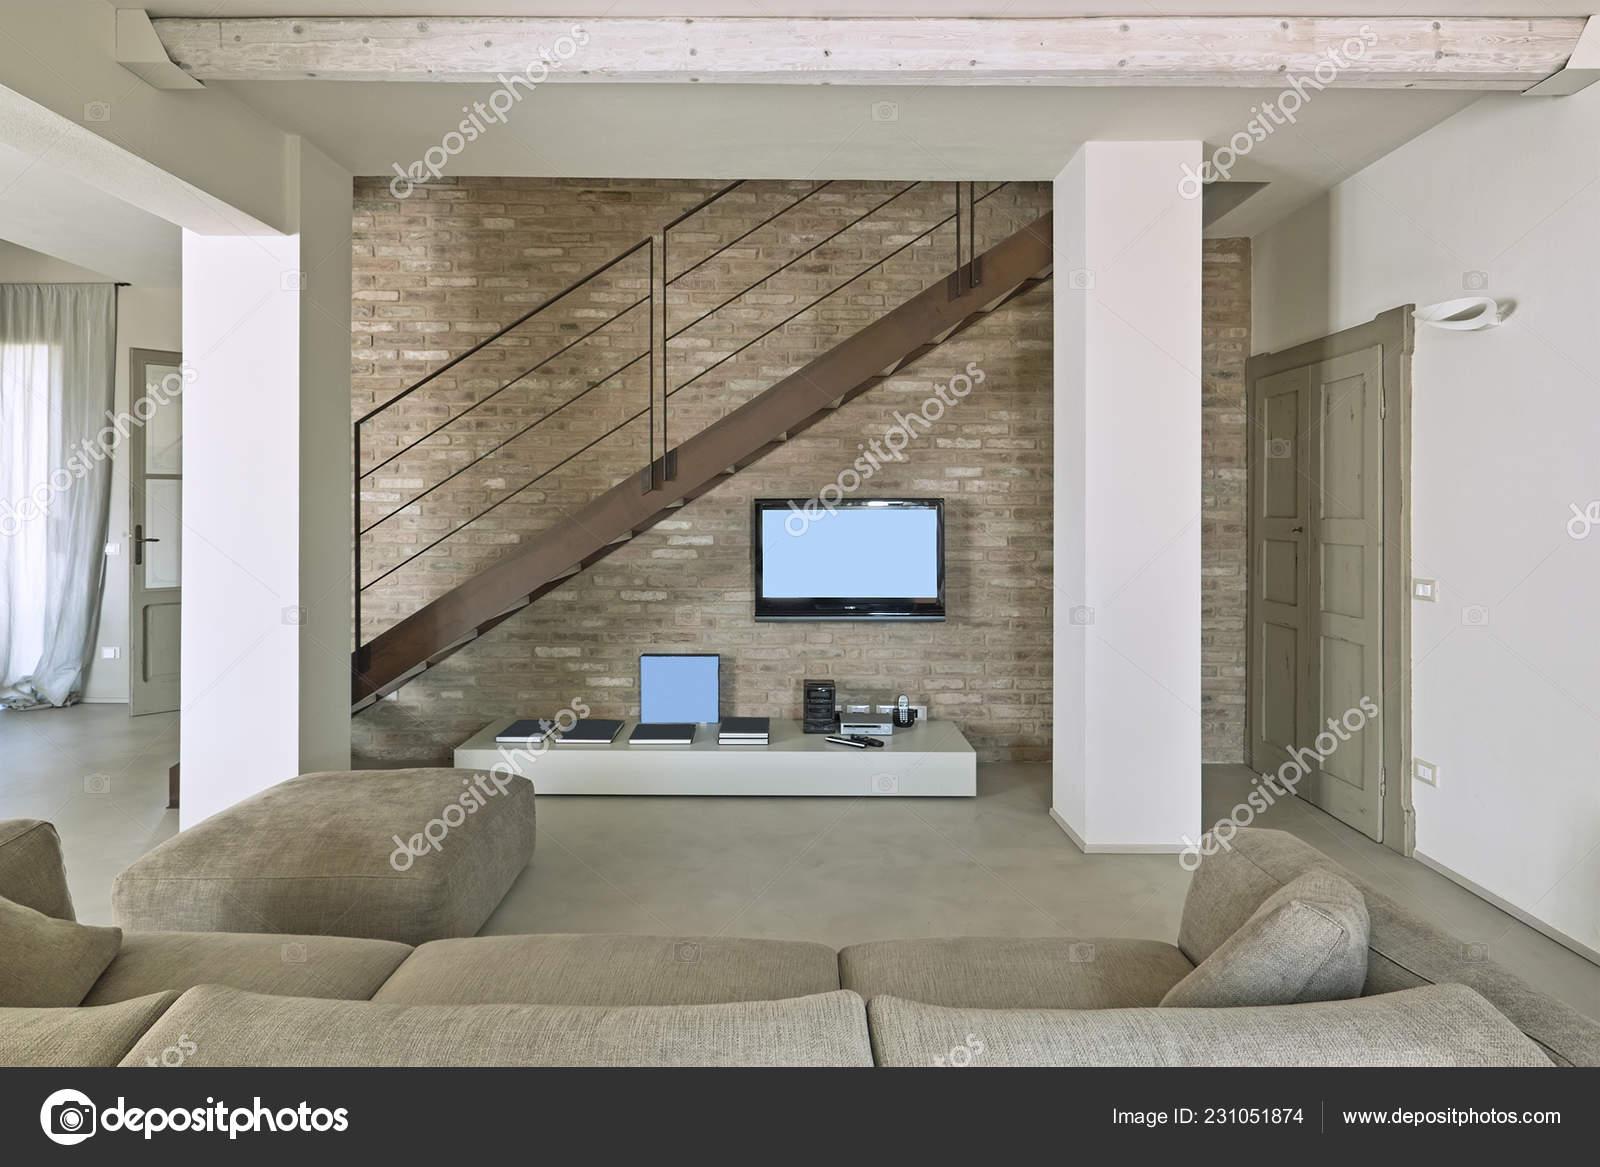 Foregound Sofa Tissu Dans Contemporain Salon Sur Fond Mur Brique ...